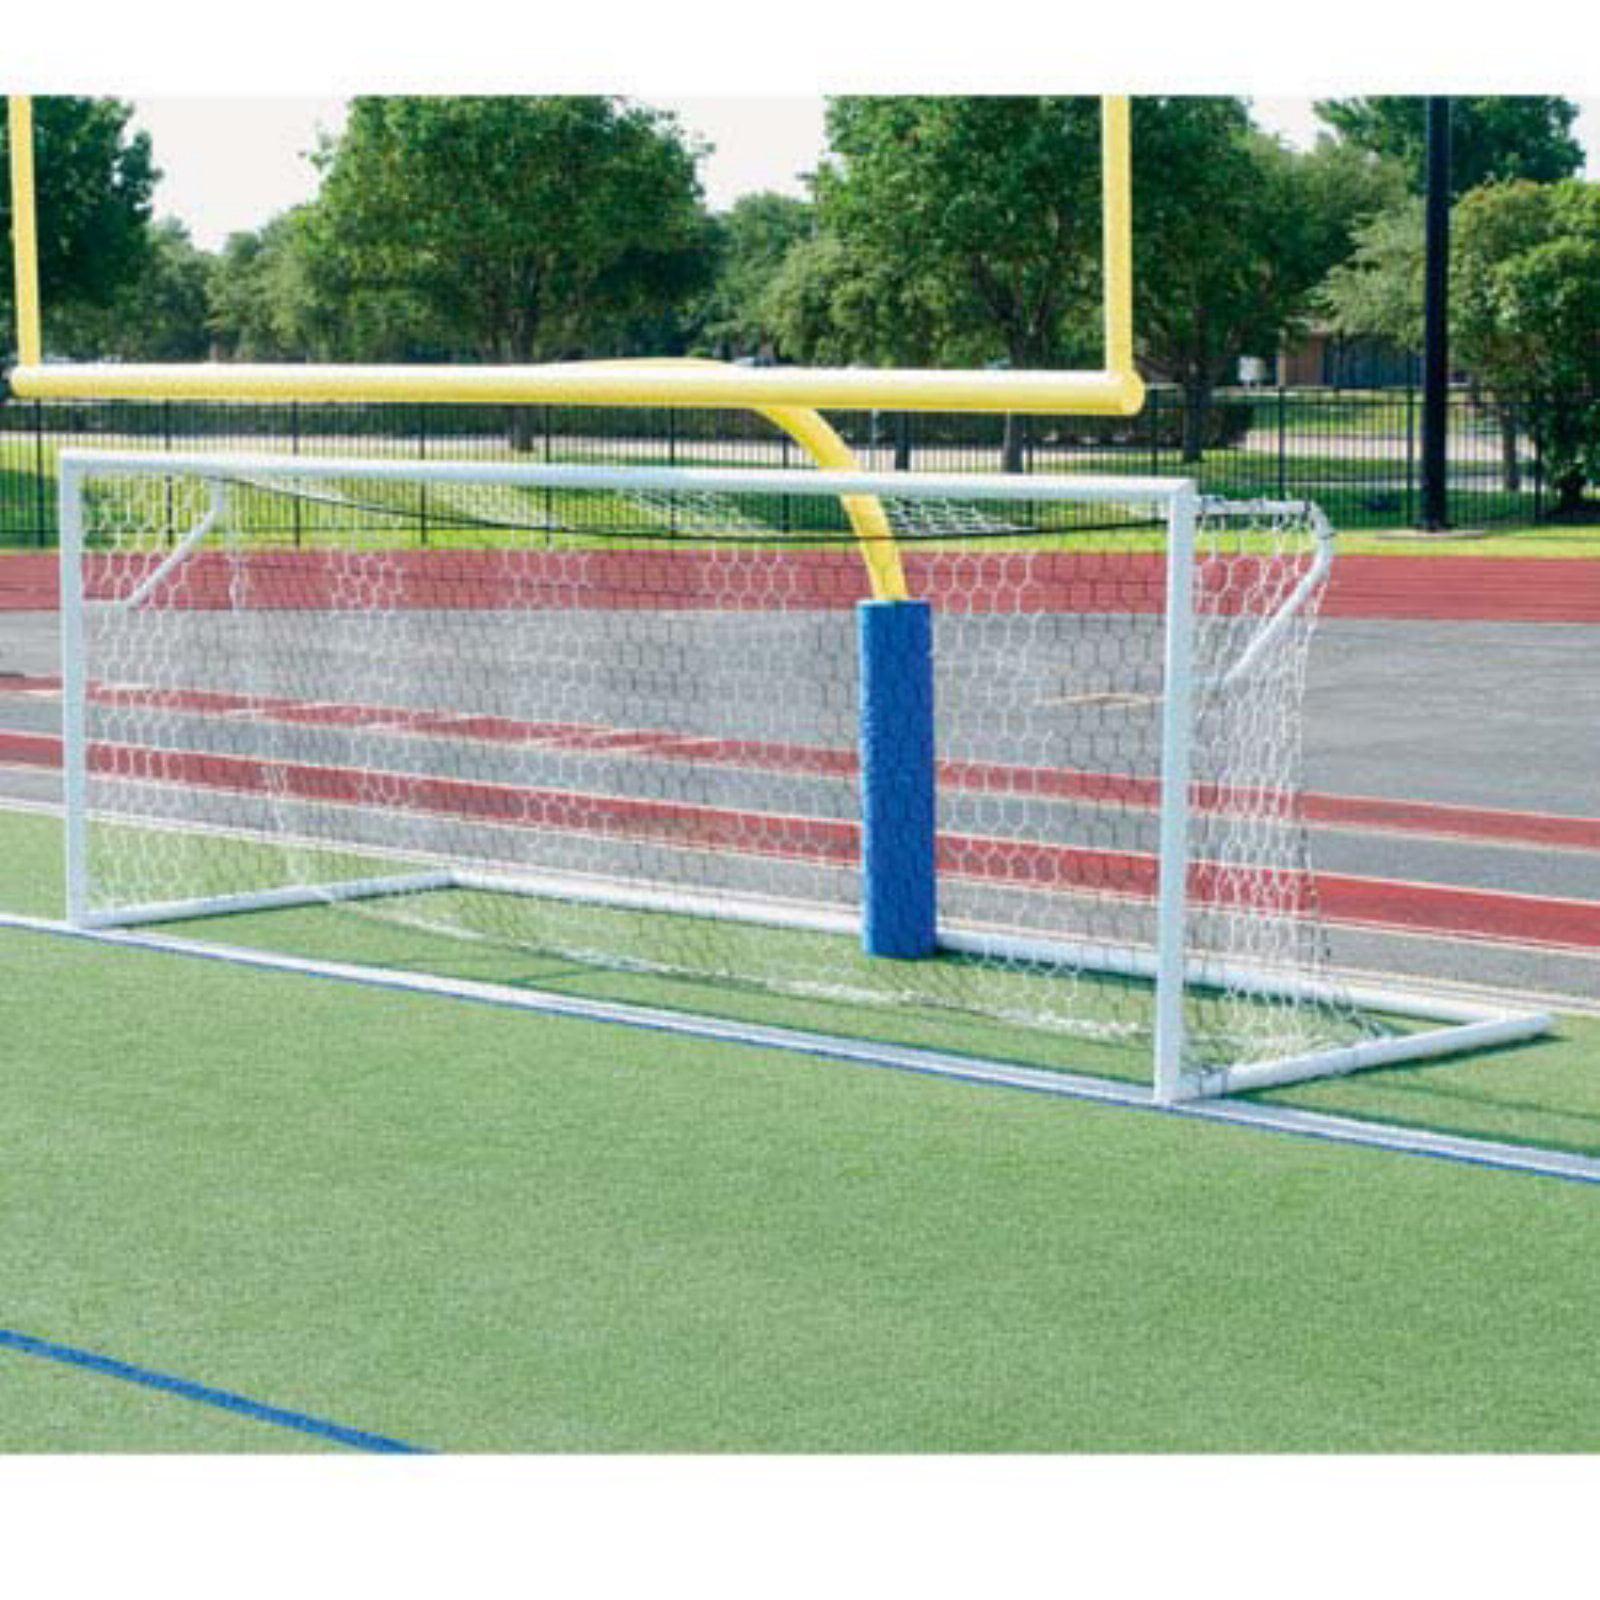 ALUMAGOAL Euro Stadium 4 in. Round Aluminum Soccer Goals - Pair - 24' x 8'